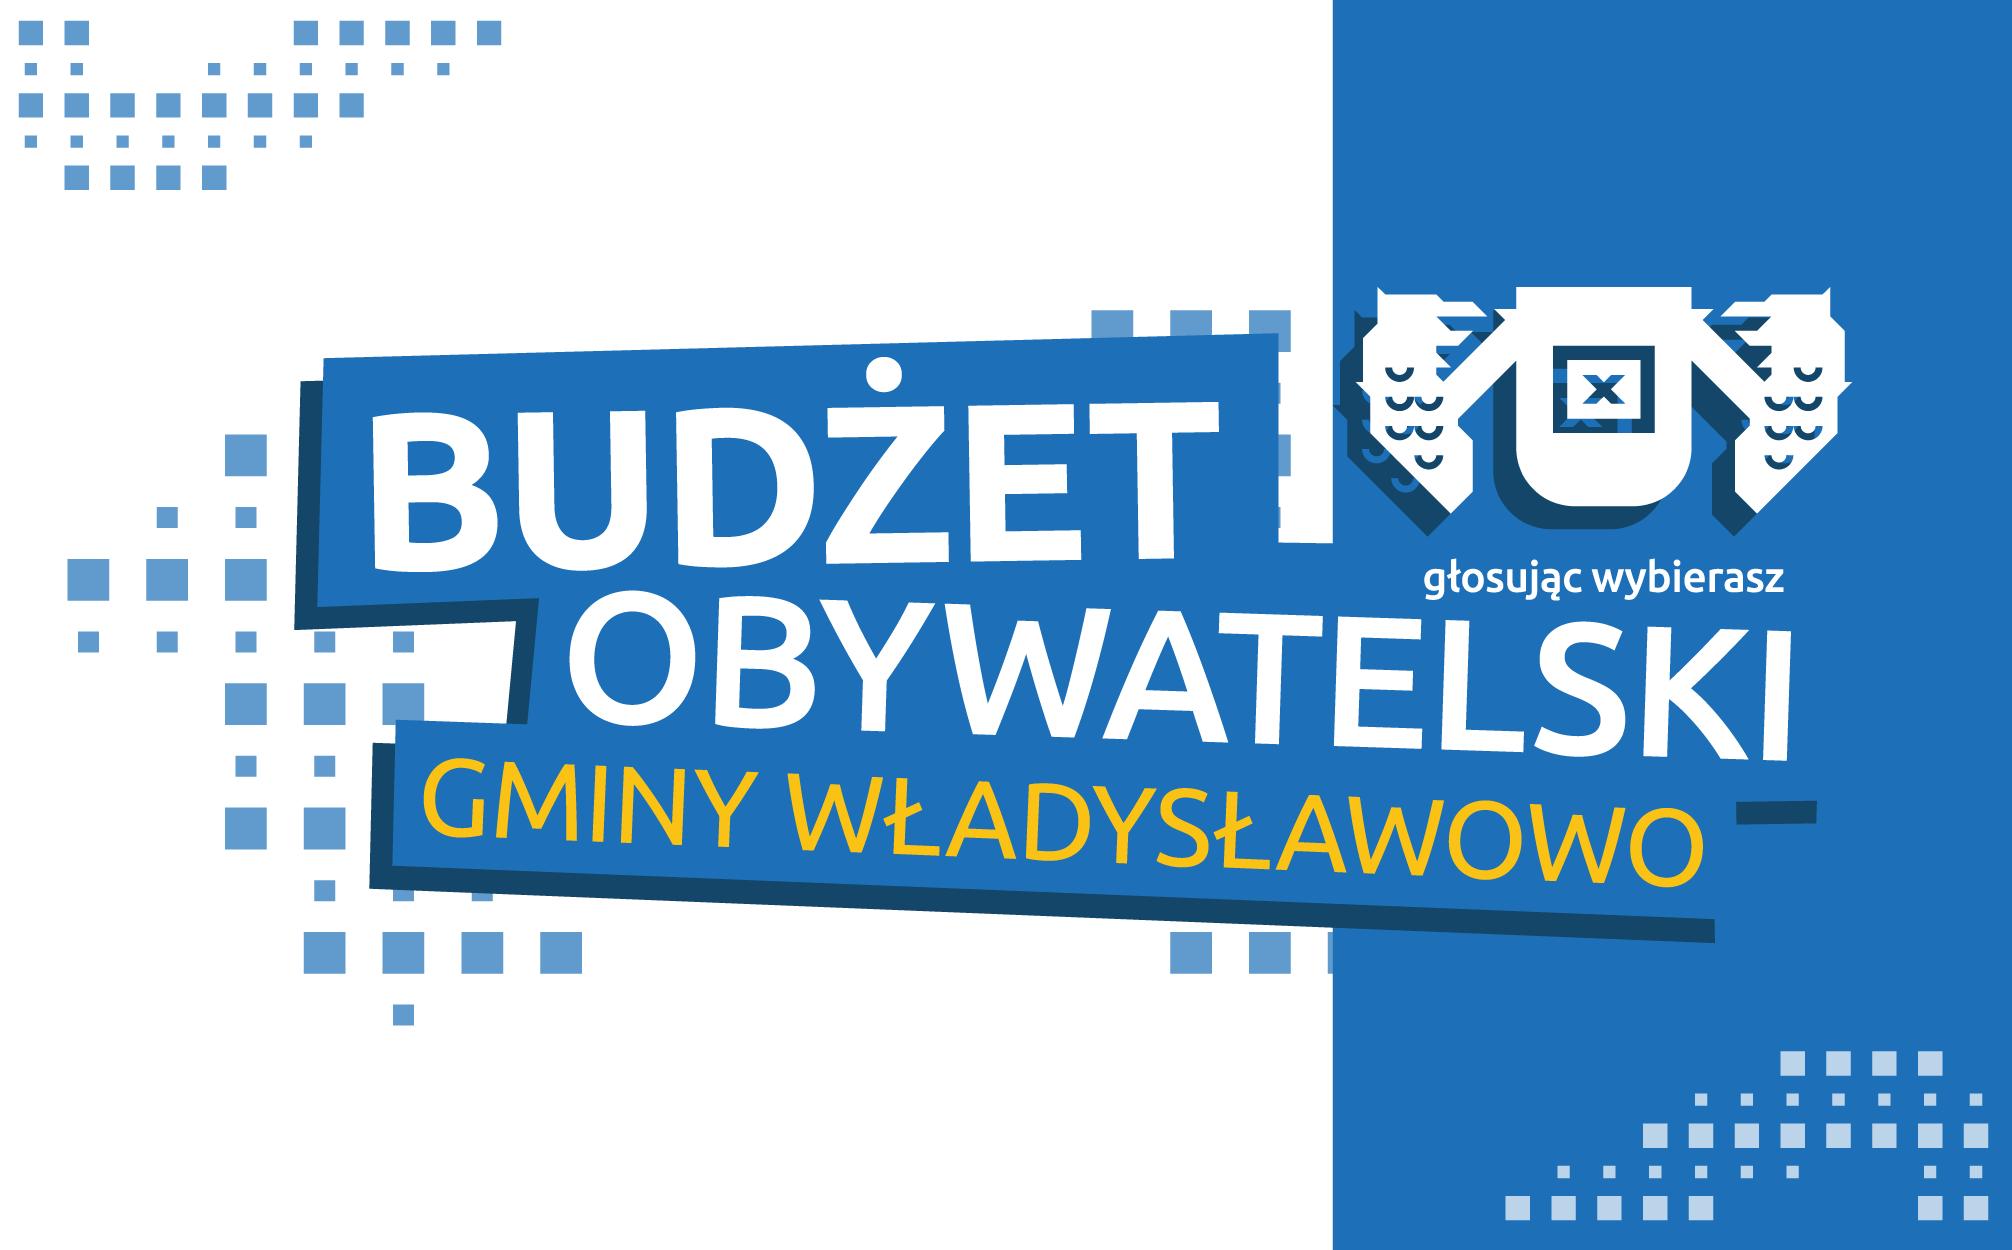 Budżetu Obywatelskiego Gminy Władysławowa [2012x1250]